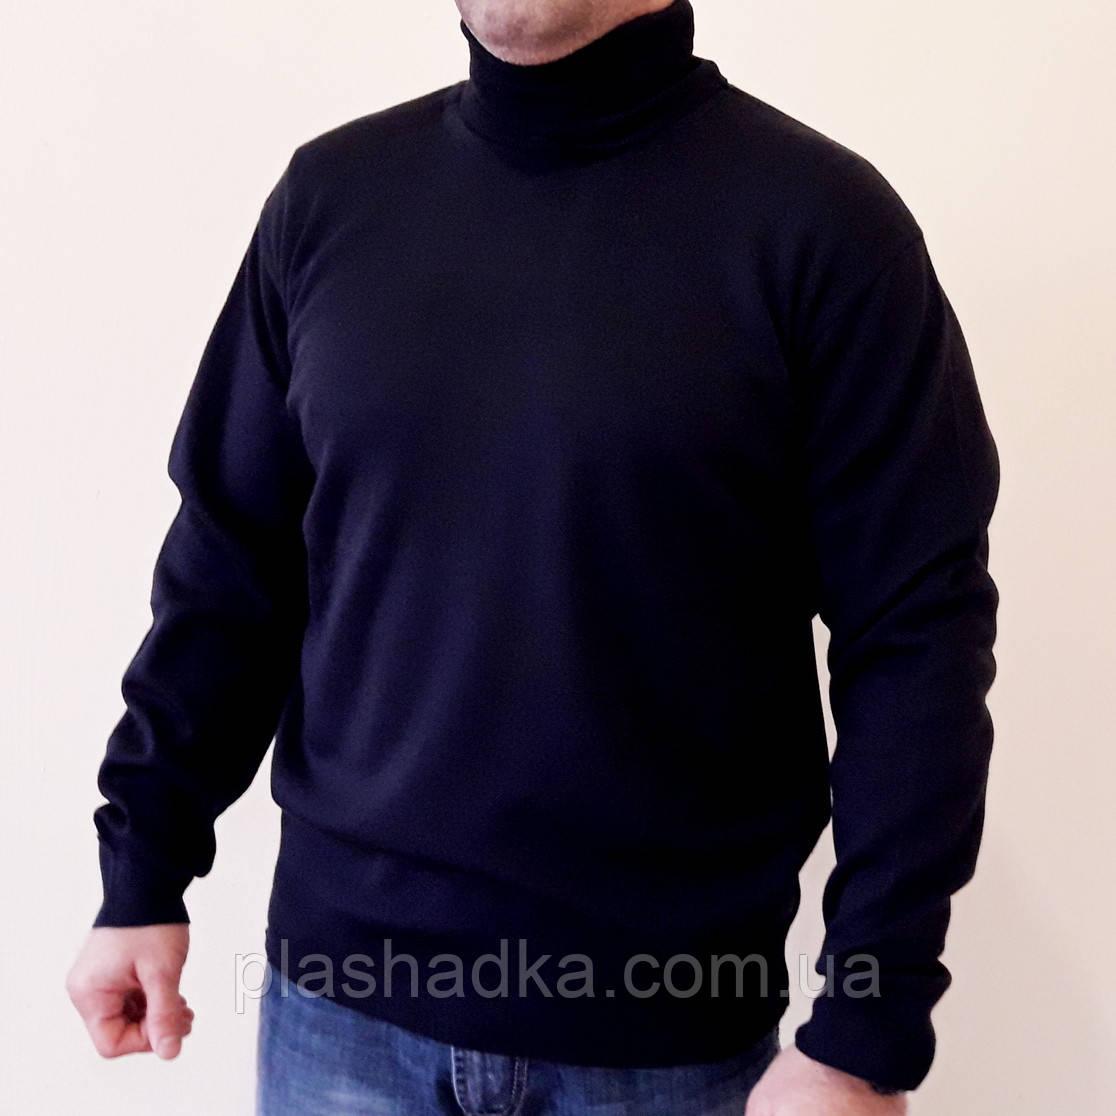 Мужской свитер с высоким горлом, шерсть 48-54р. темно-синий, Турция